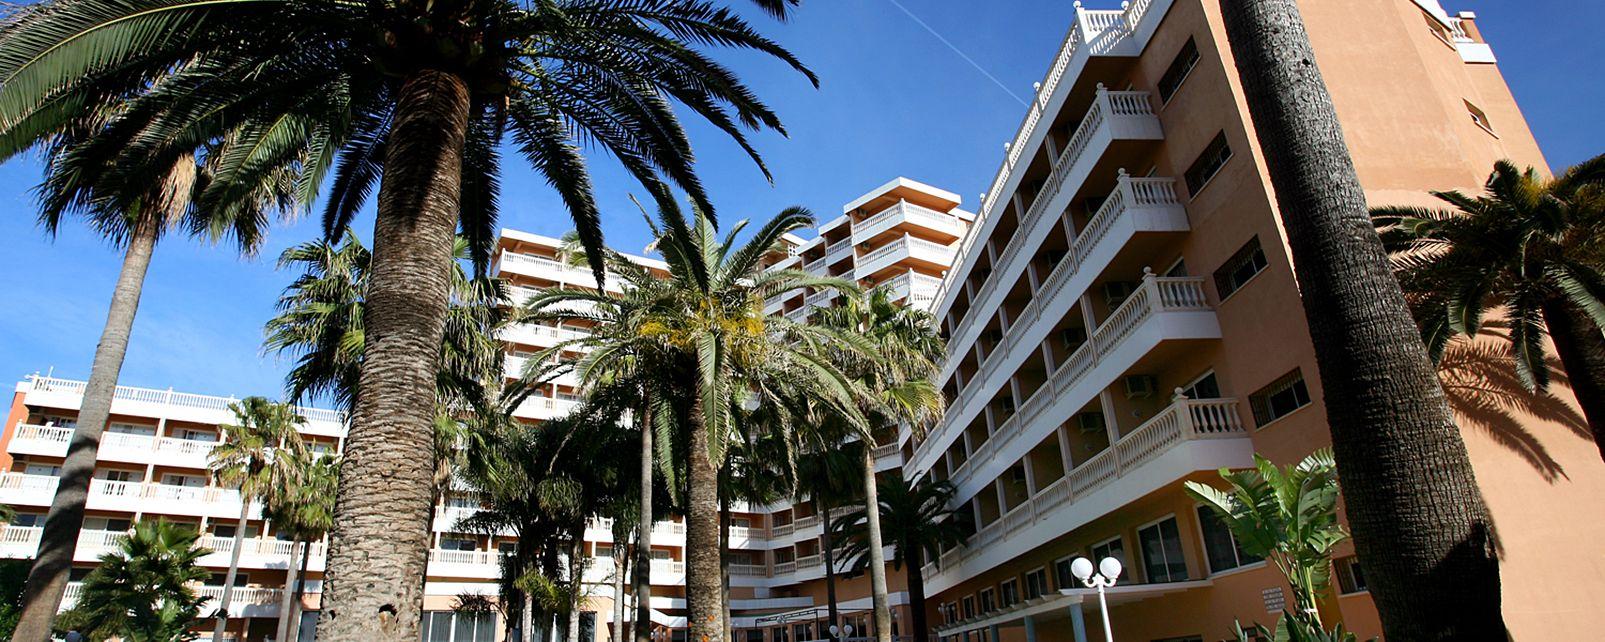 Hotel parasol garden torremolinos espa a for Hotel parasol garden